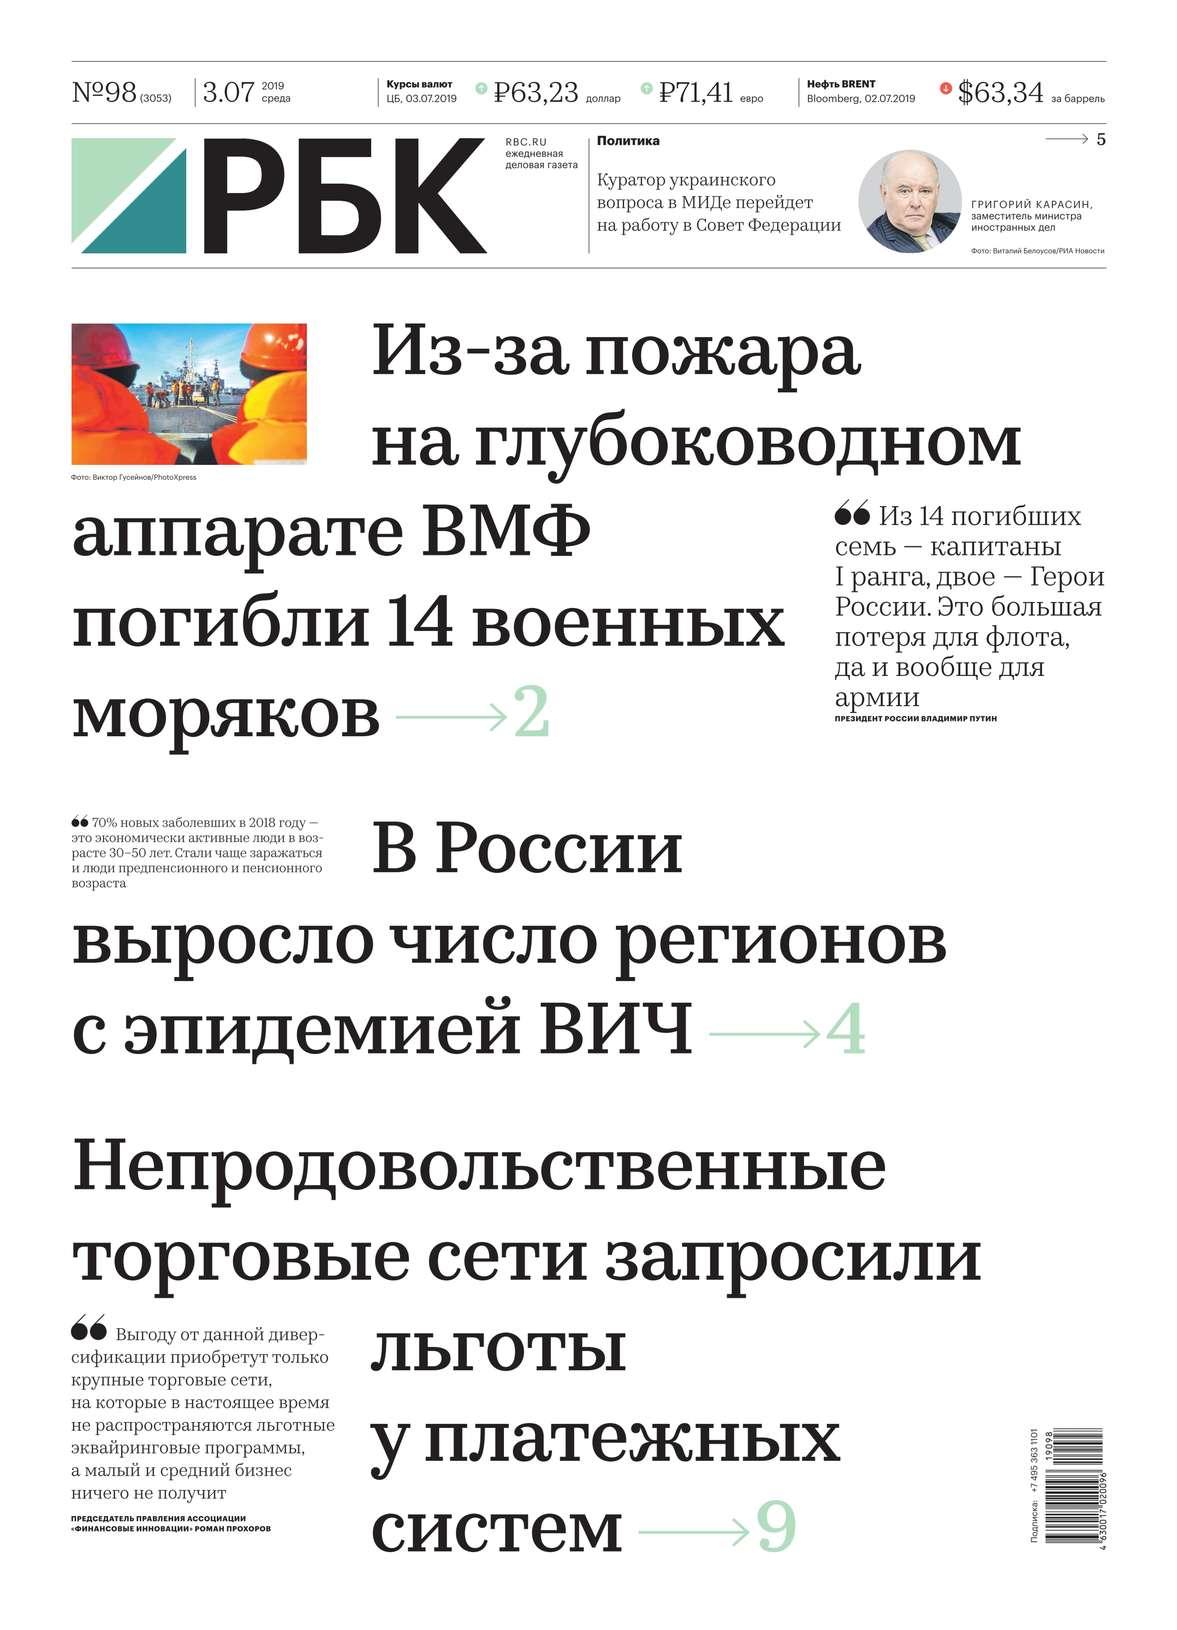 Ежедневная Деловая Газета Рбк 98-2019